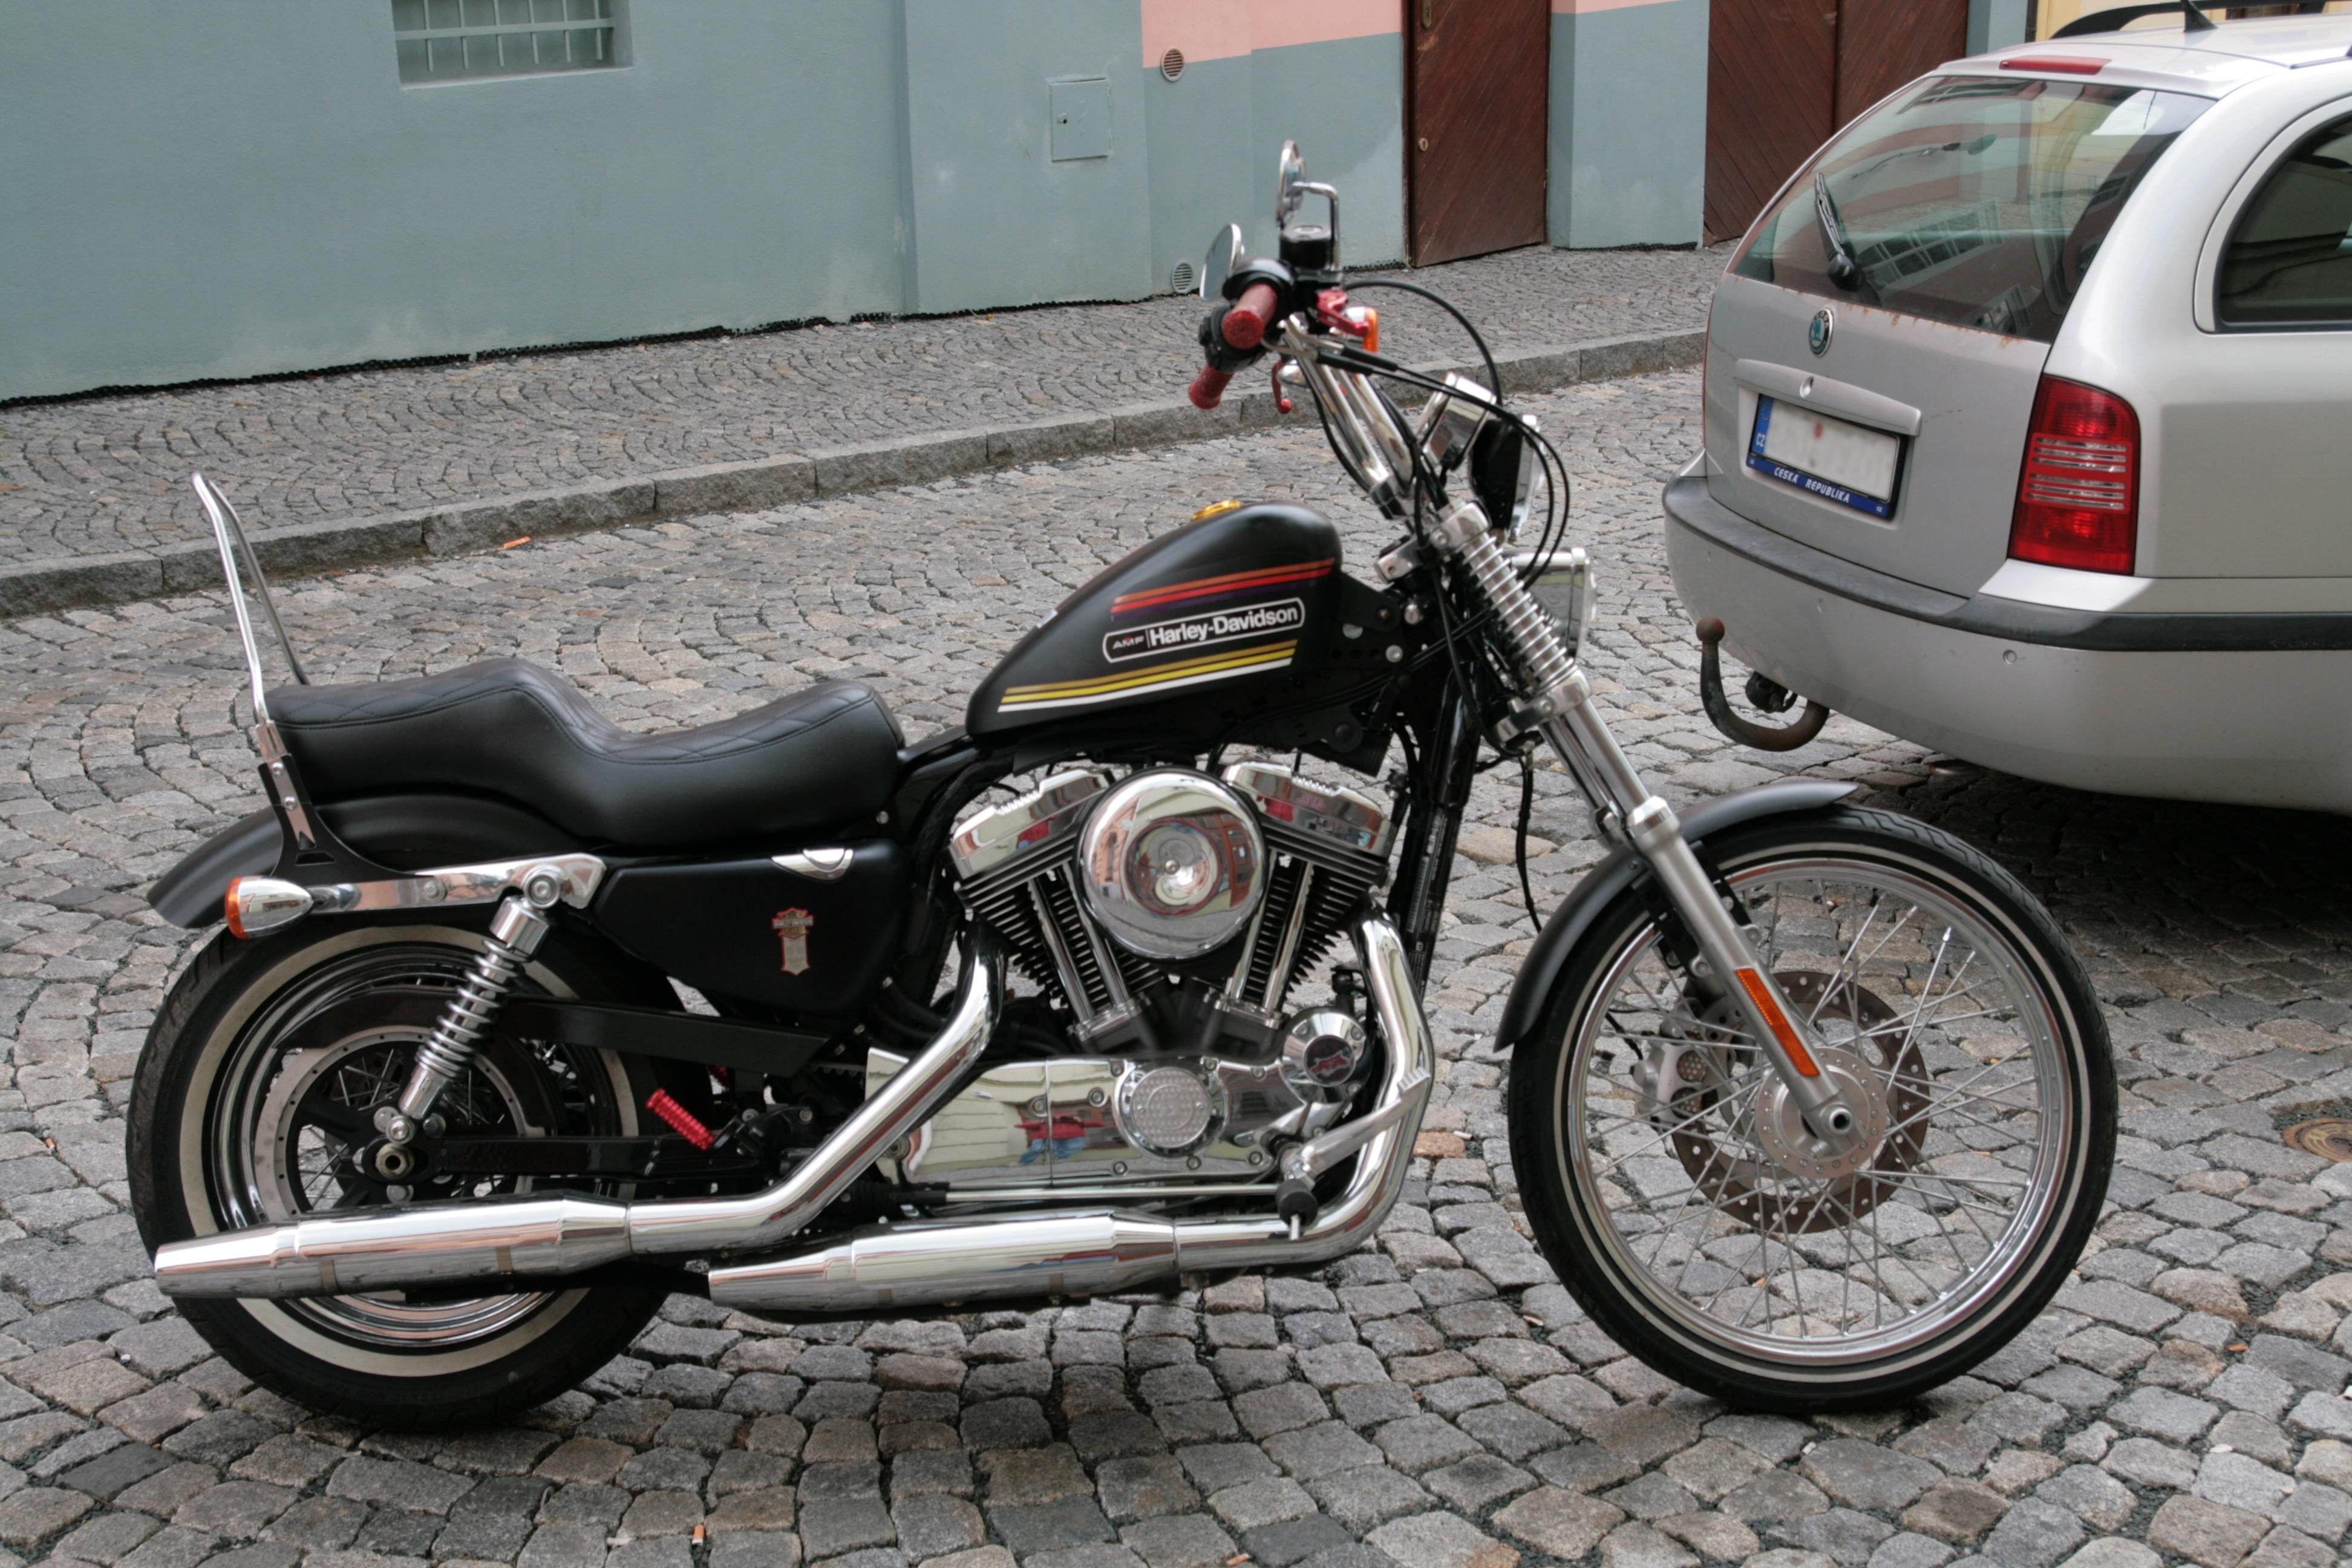 Contact Harley Davidson India